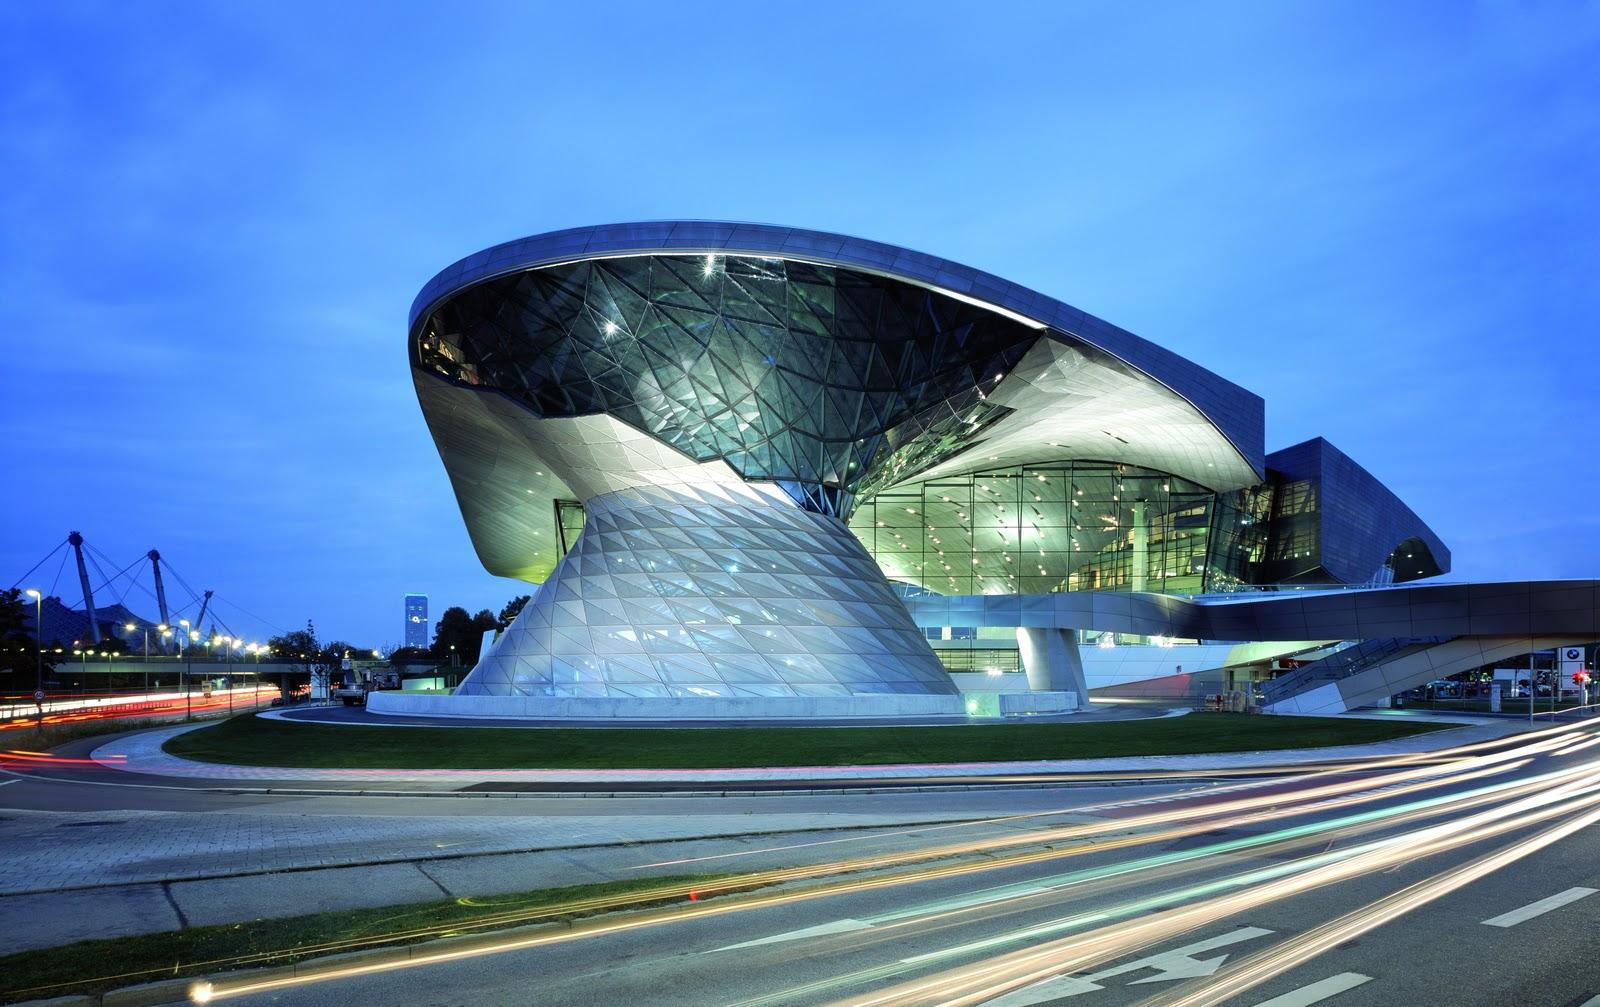 Twenty 4 sven bmw welt m nchen ein architektonisches meisterwerk - Architektonische meisterwerke ...